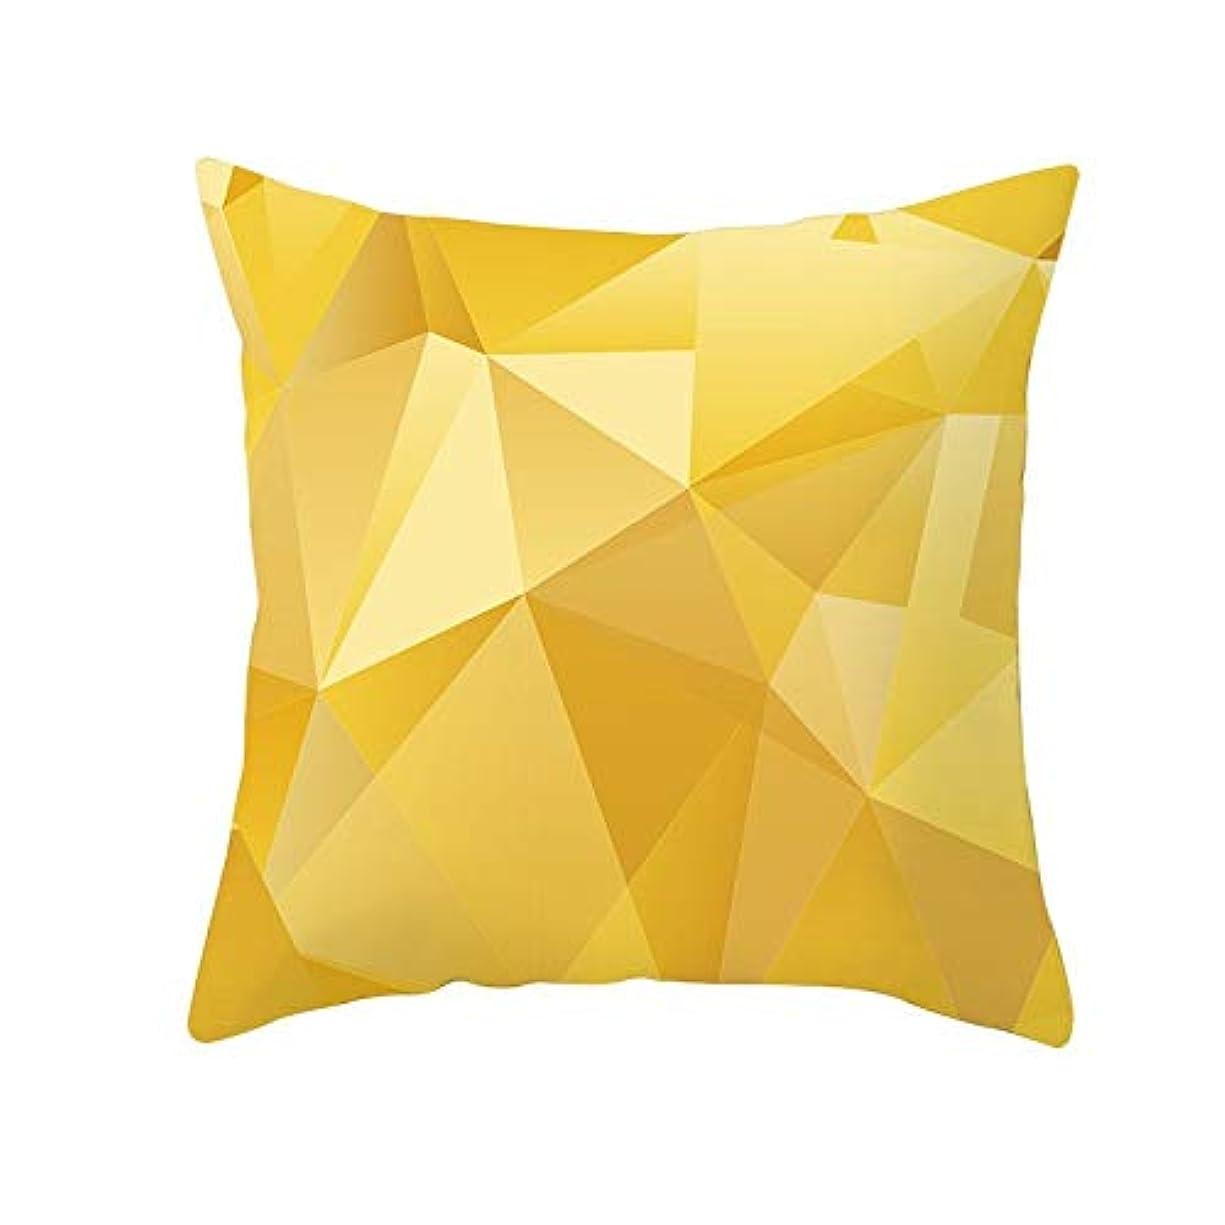 移動する割り当てます絵LIFE 装飾クッションソファ 幾何学プリントポリエステル正方形の枕ソファスロークッション家の装飾 coussin デ長椅子 クッション 椅子